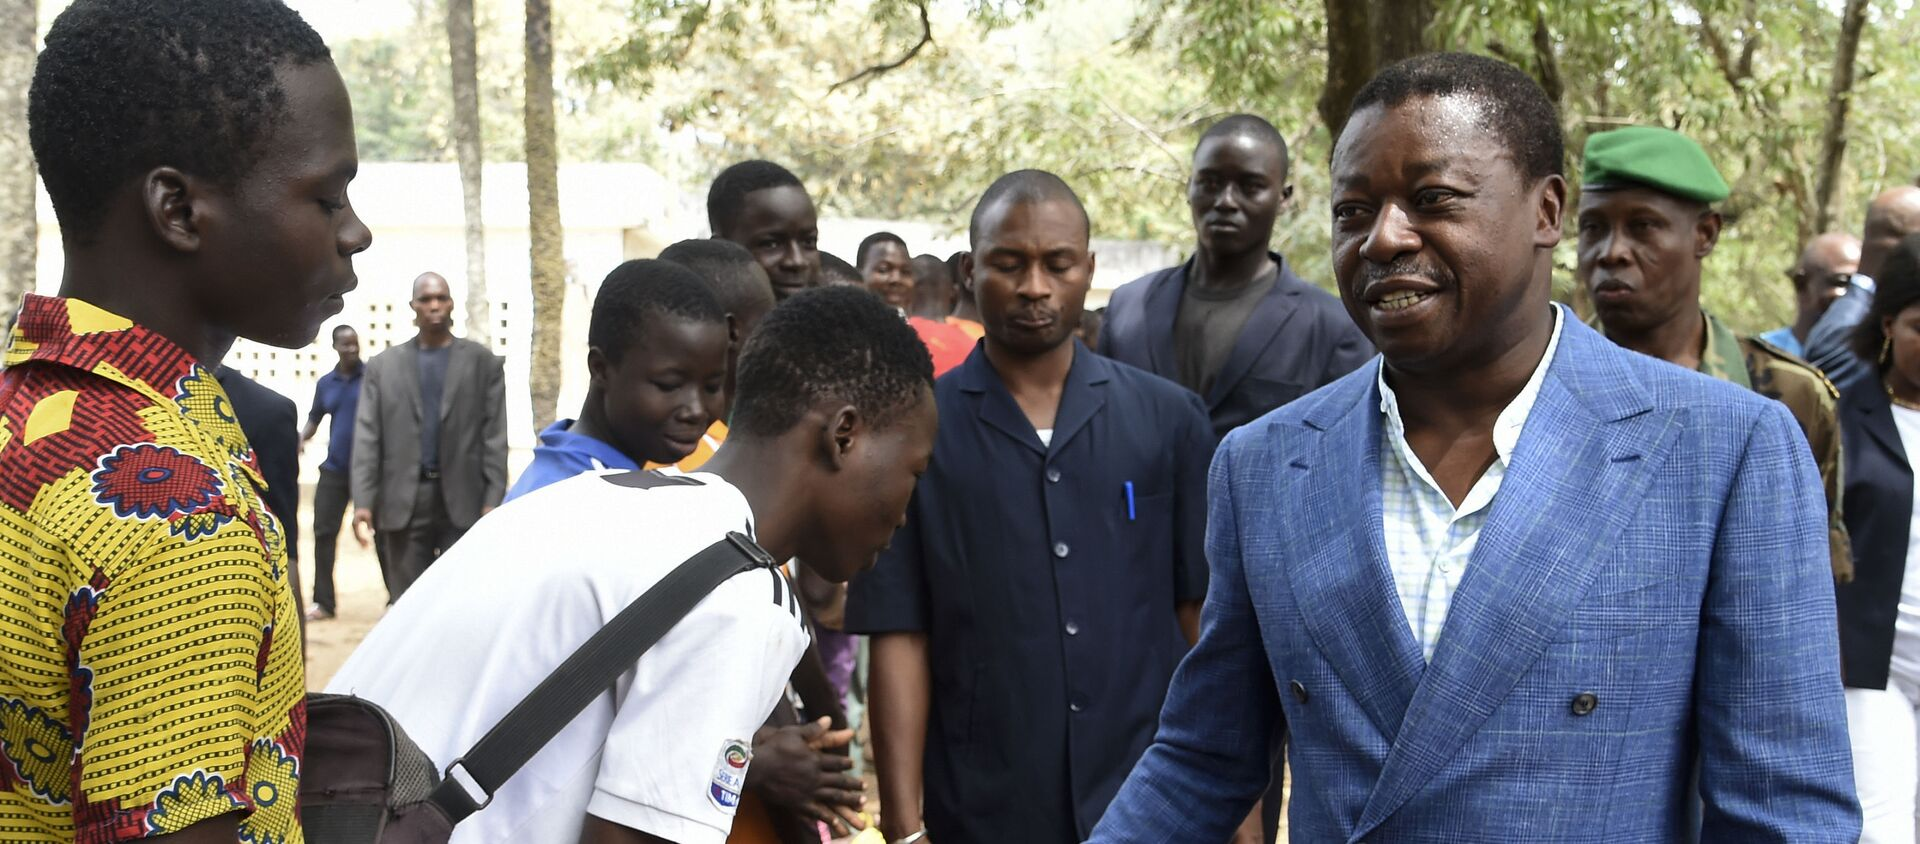 Le président togolais Faure Gnassingbé arrive au bureau de vote - Sputnik France, 1920, 03.12.2020